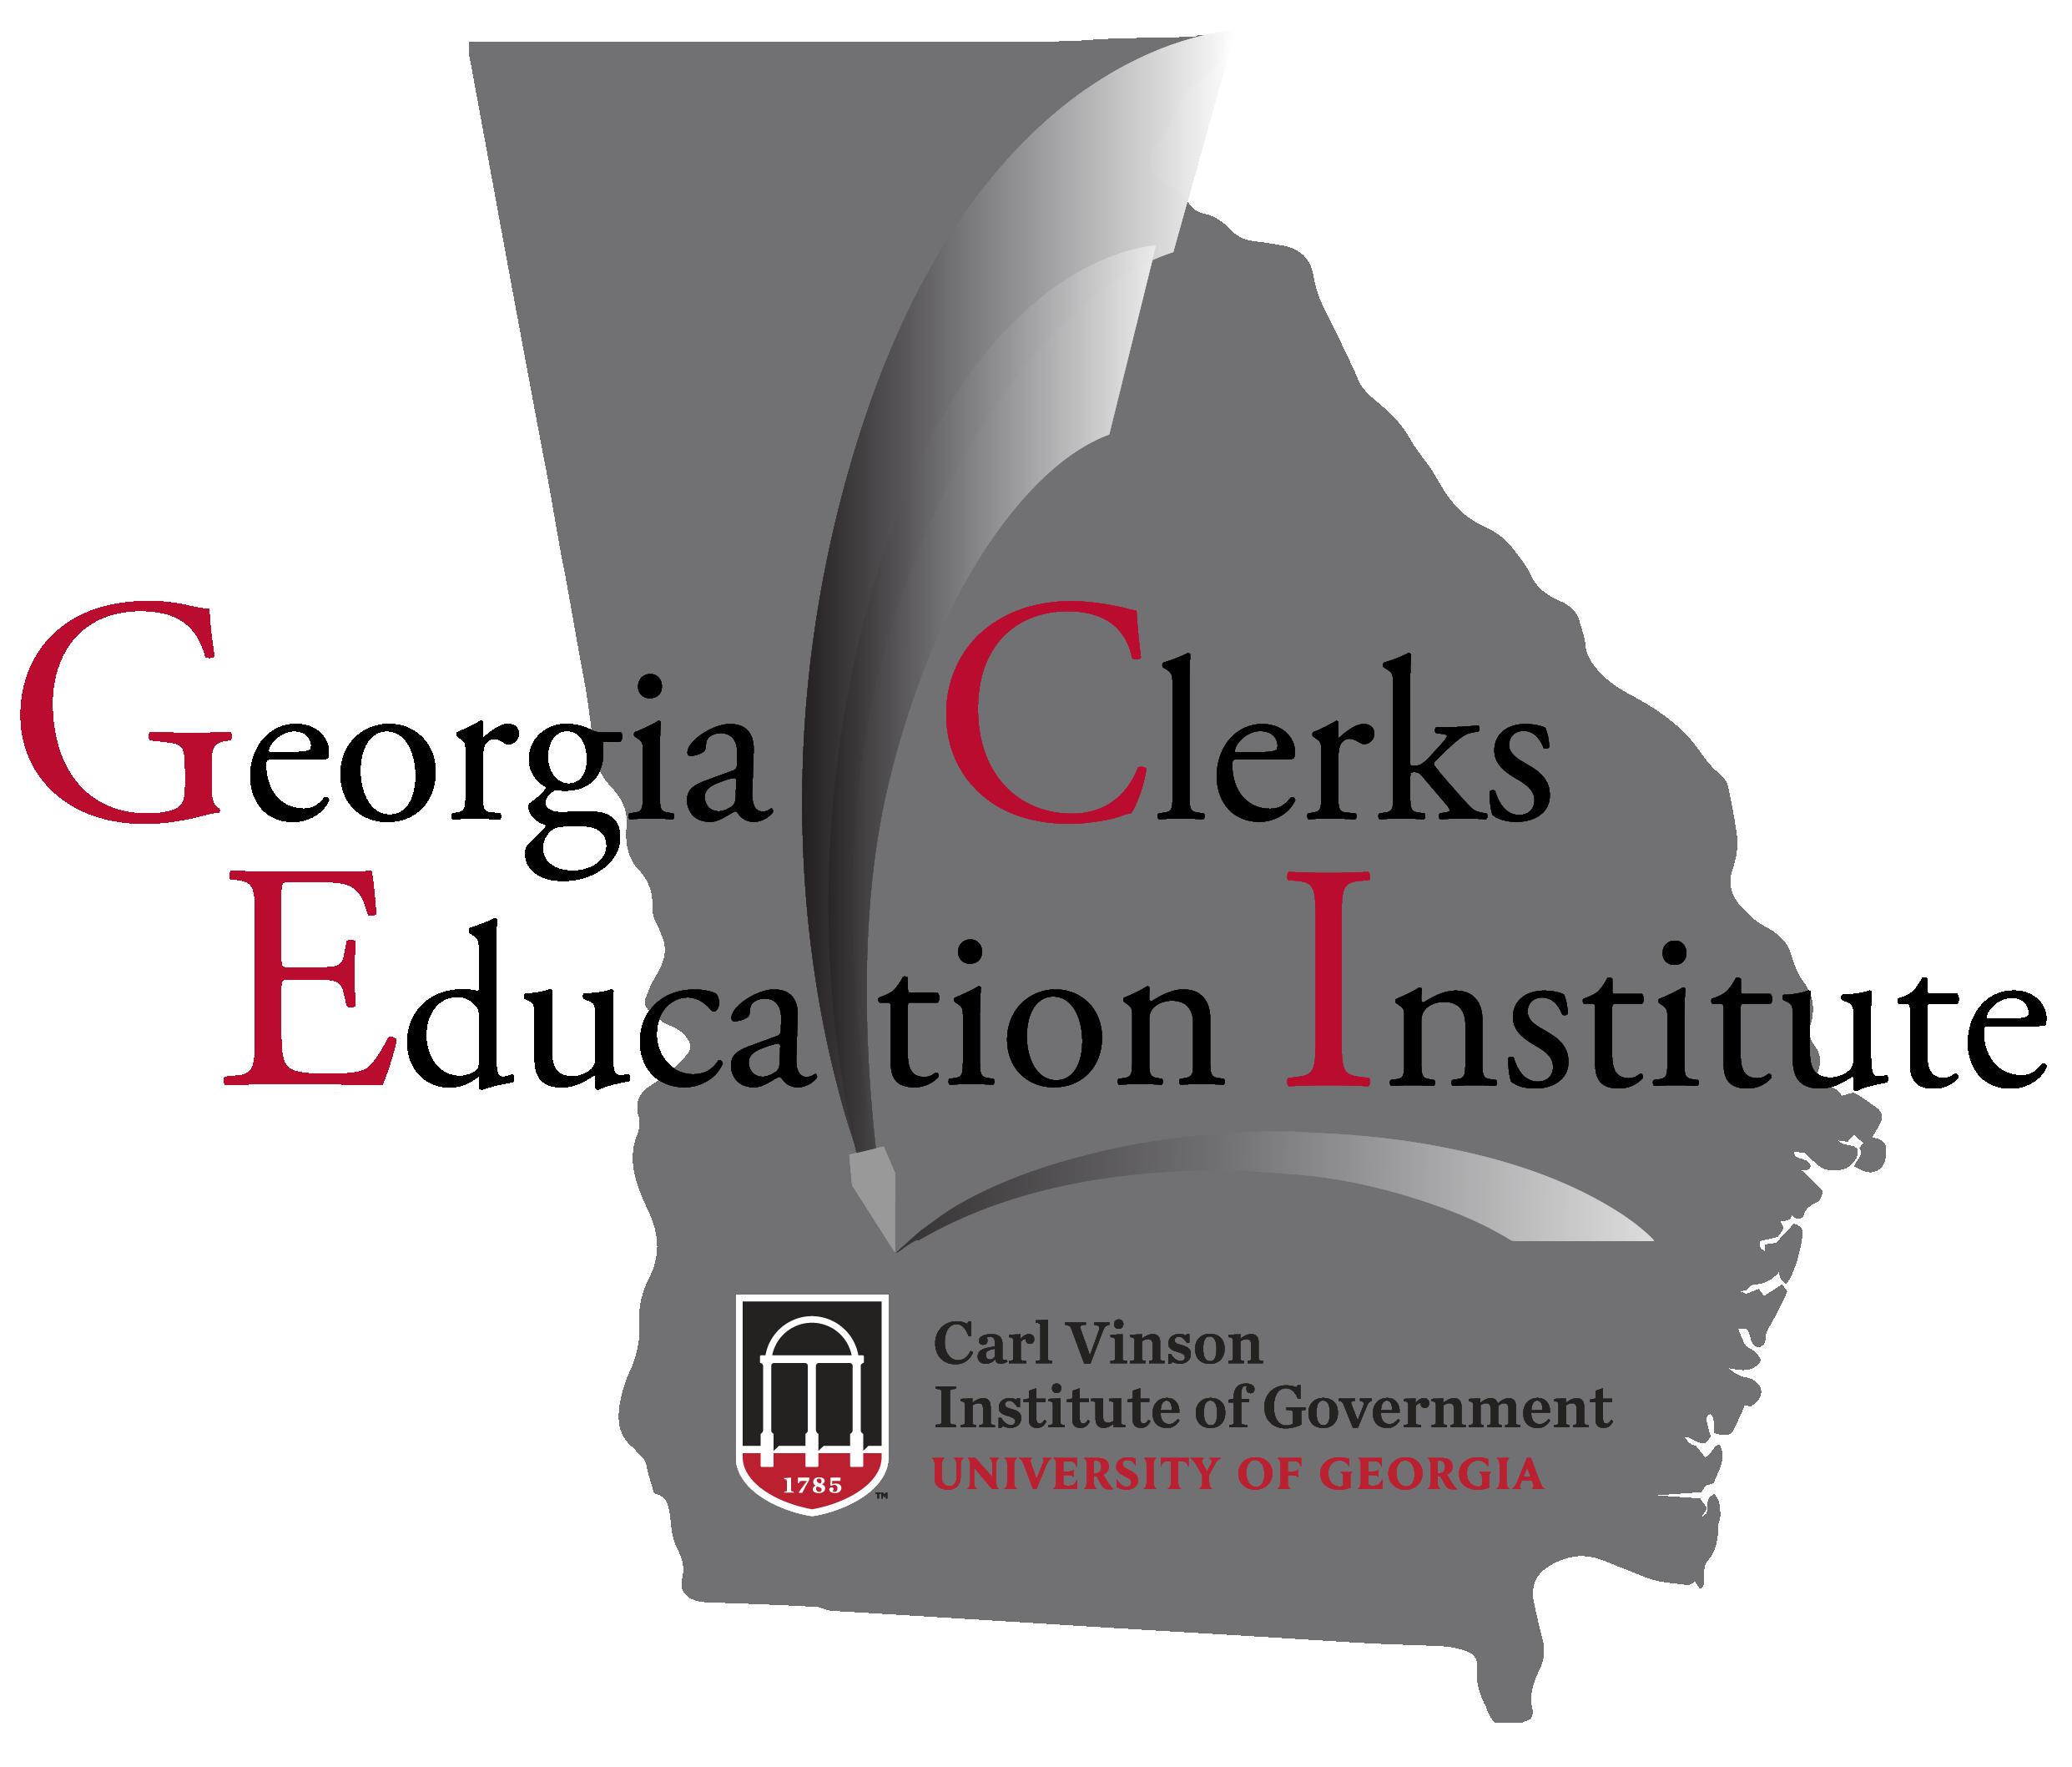 Georgia Clerks Education Institute